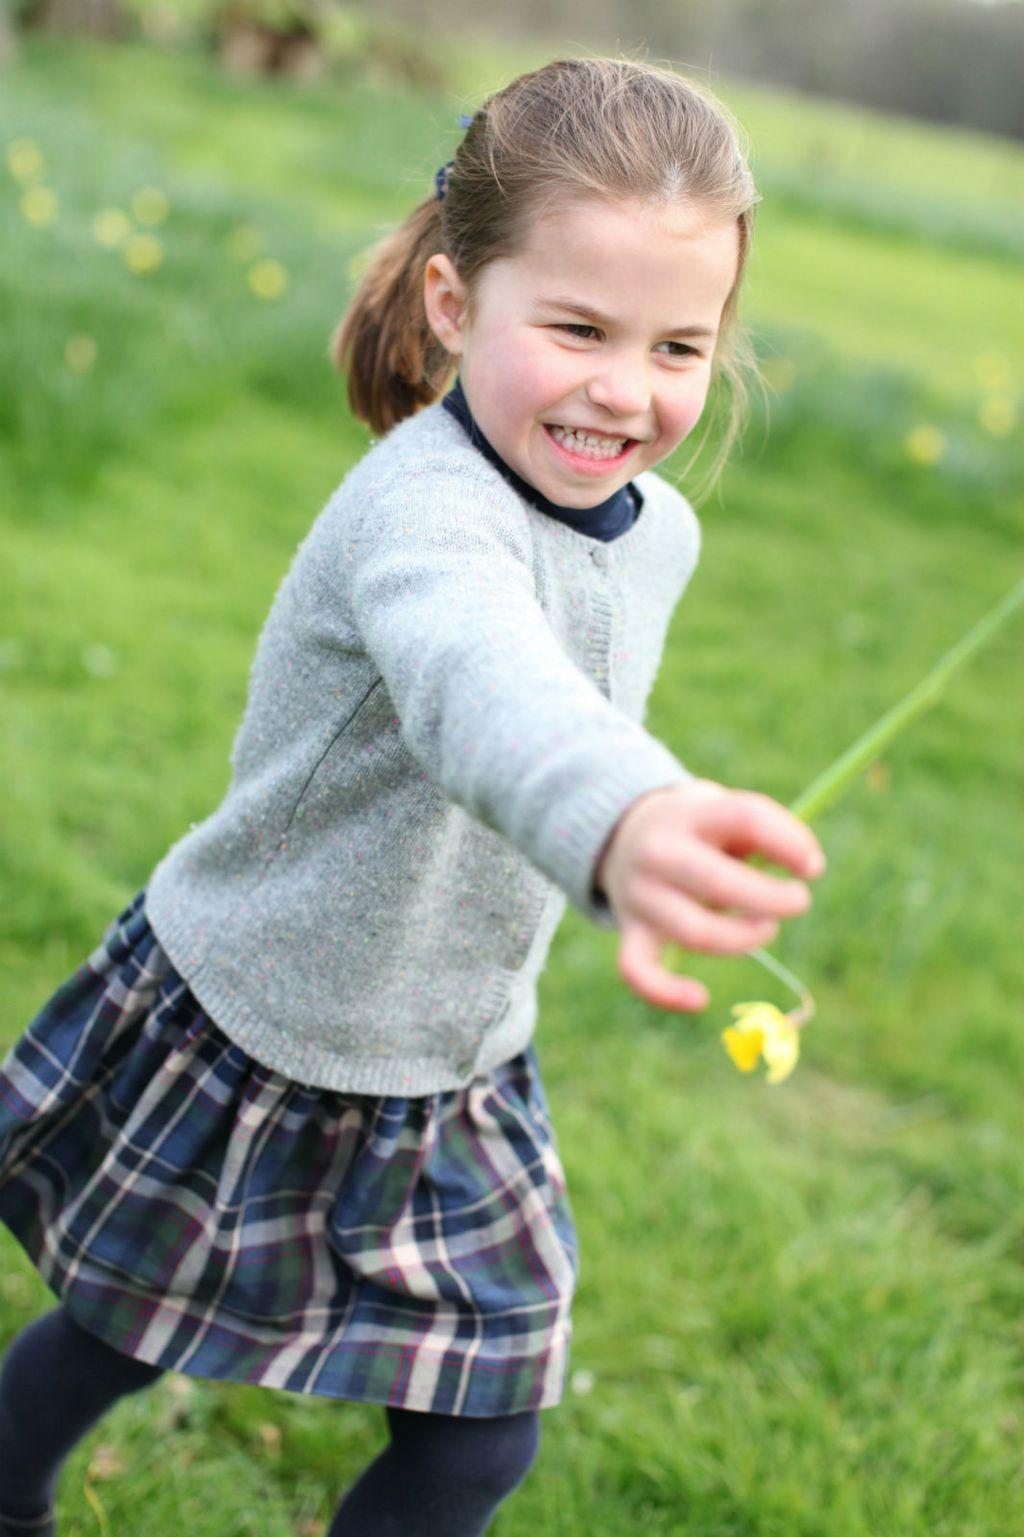 Princeza Charlotte slavi četvrti rođendan - 4